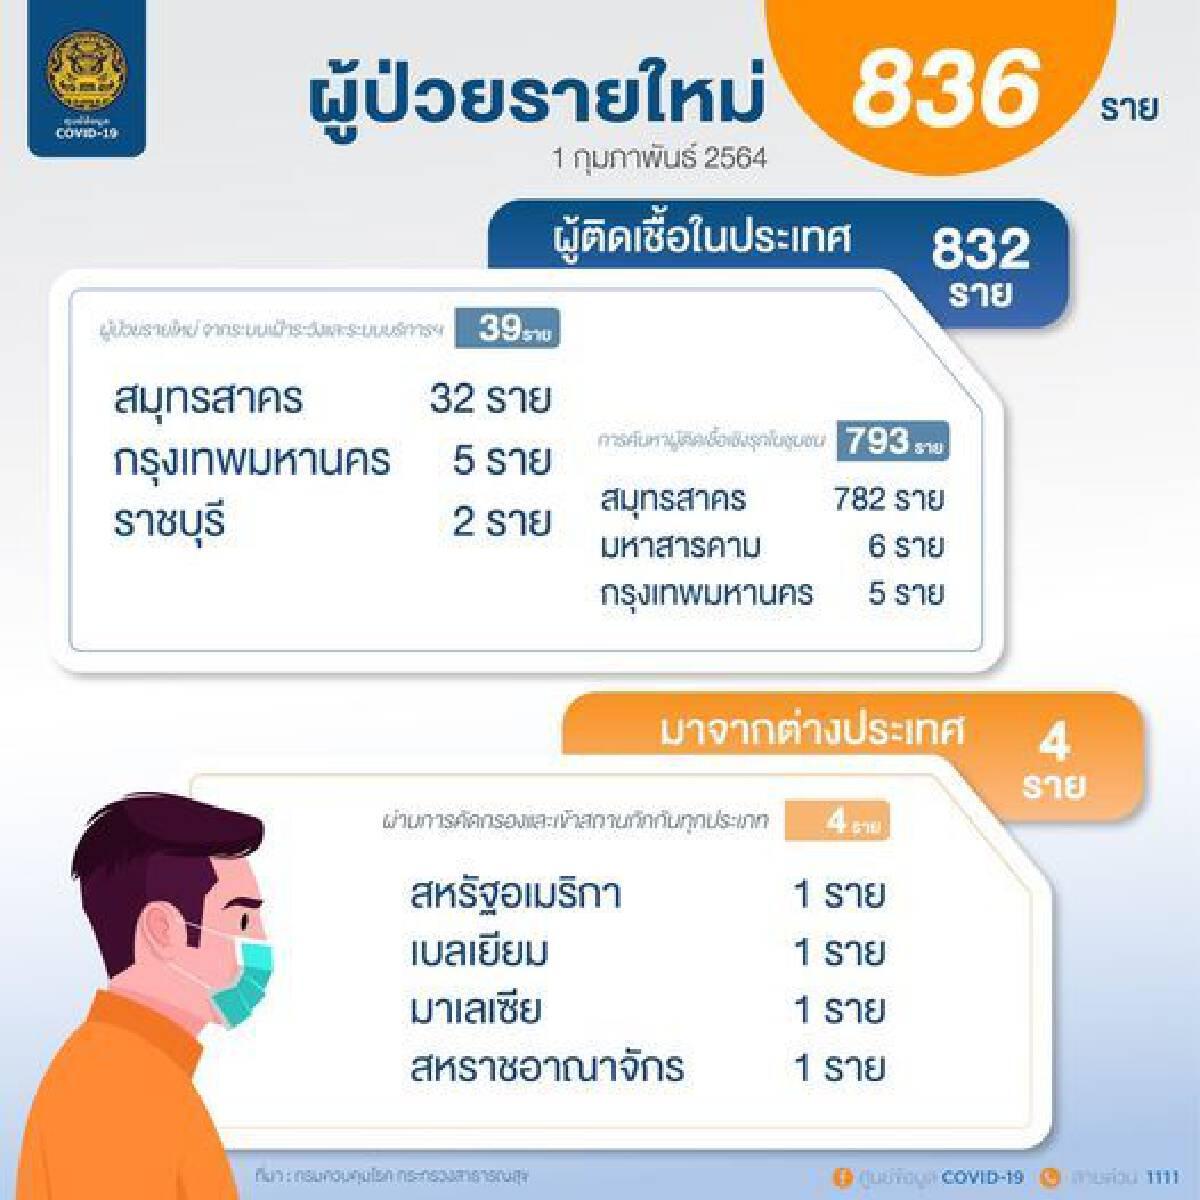 เปิดข้อมูลผู้ติดเชื้อโควิด-19 รายใหม่ 836ราย